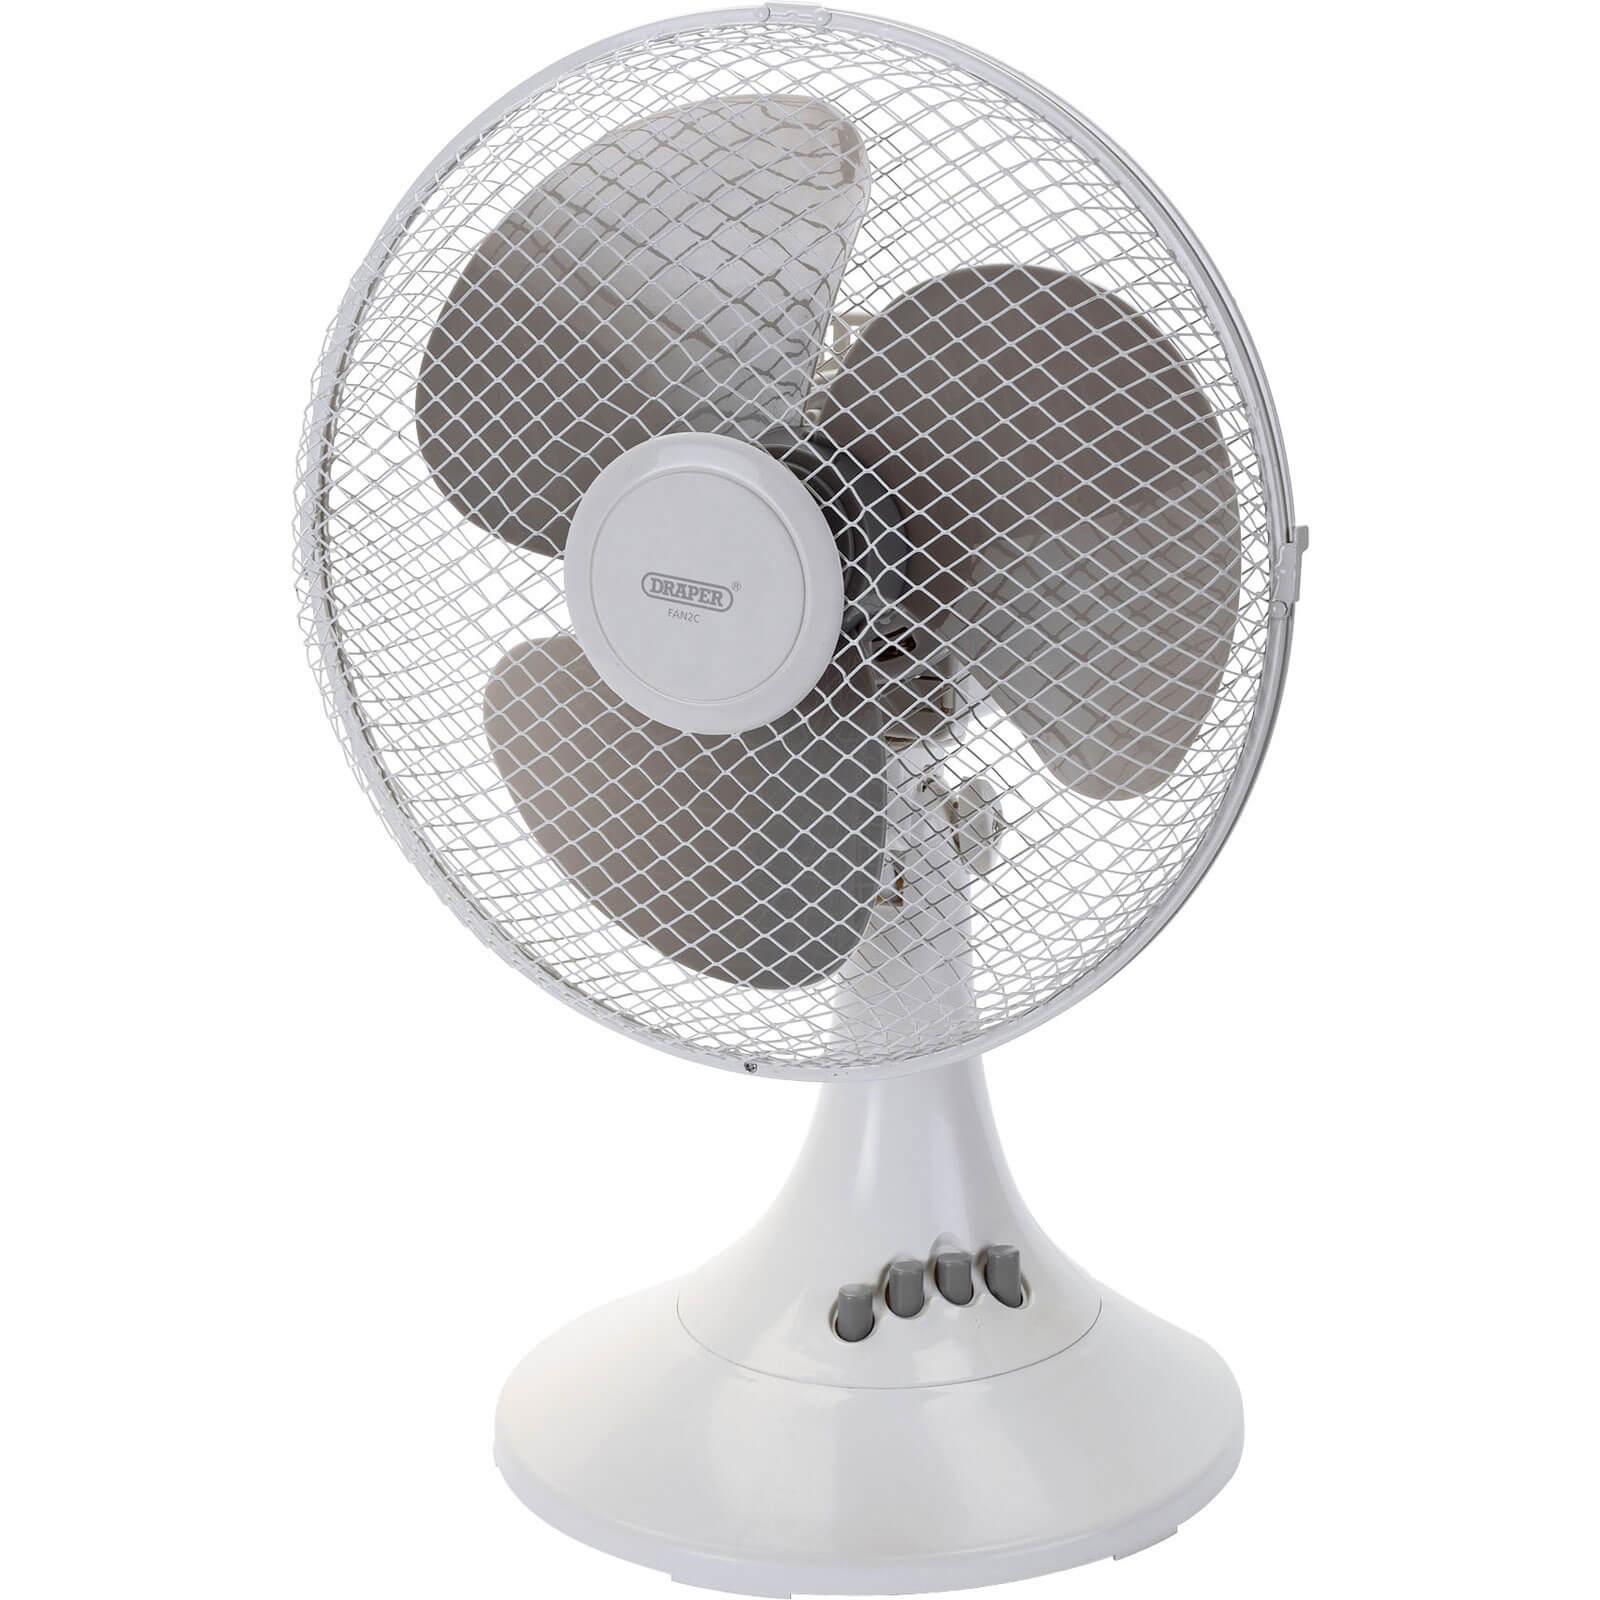 Draper FAN2C 3 Speed Desk Fan